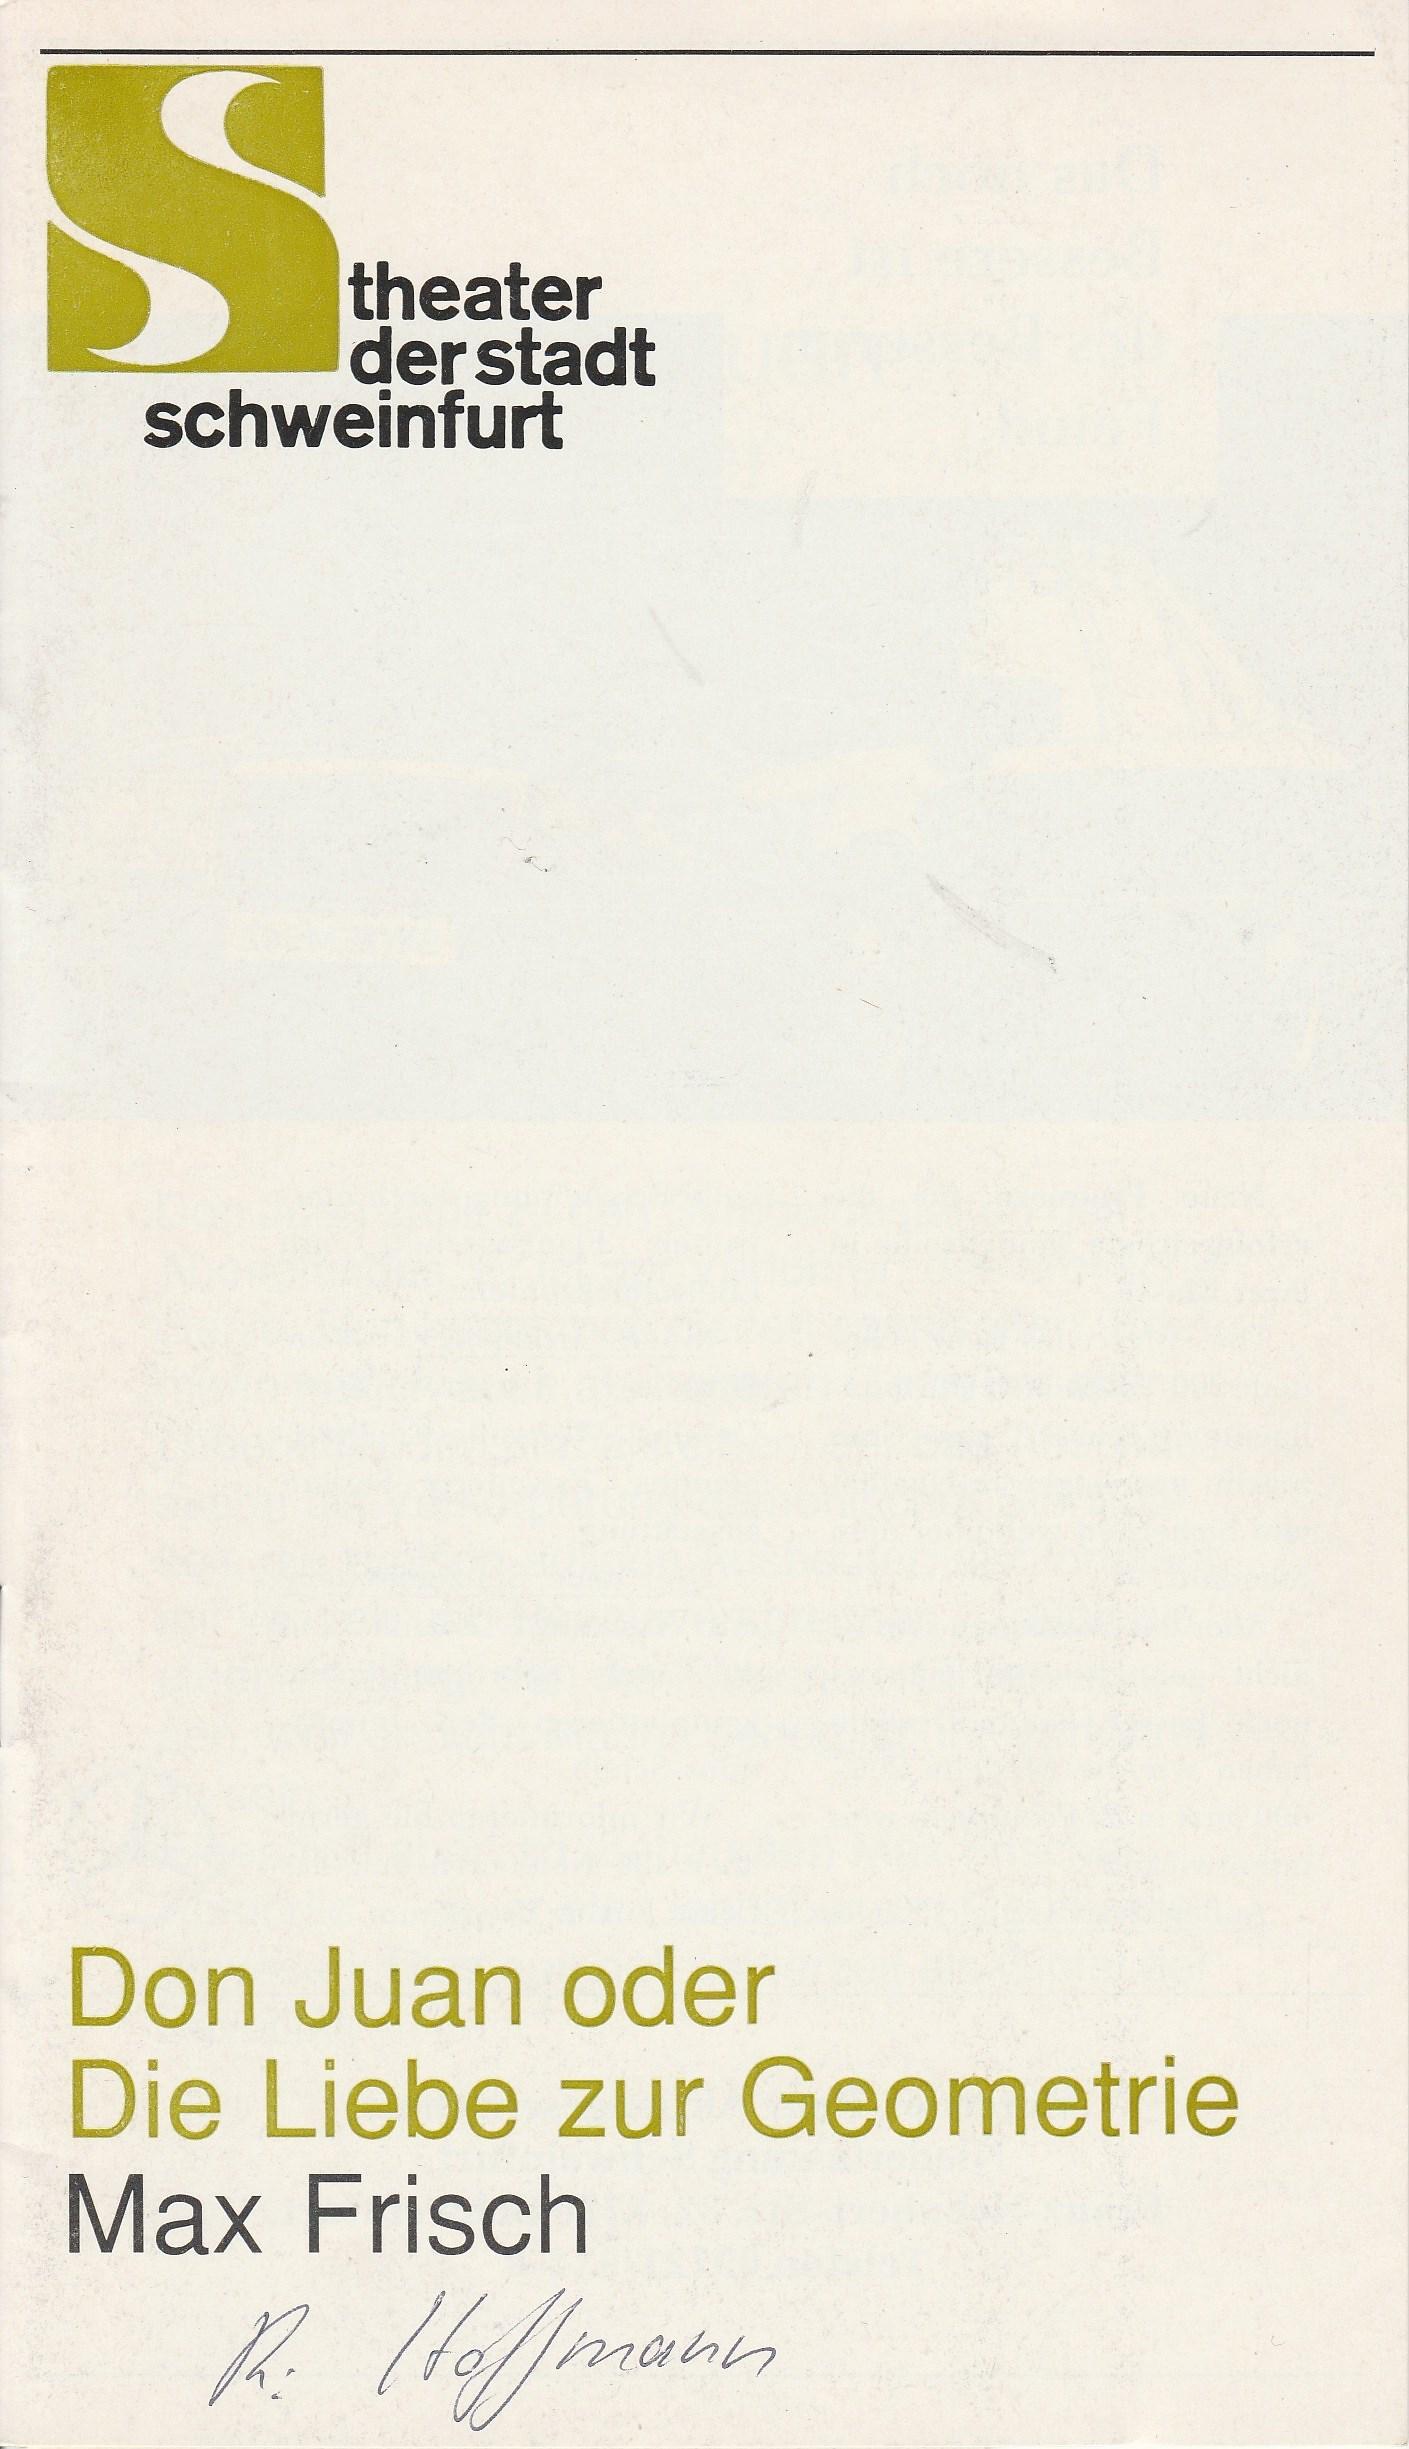 Programmheft Don Juan oder Die Liebe zur Geometrie von Max Frisch 1991